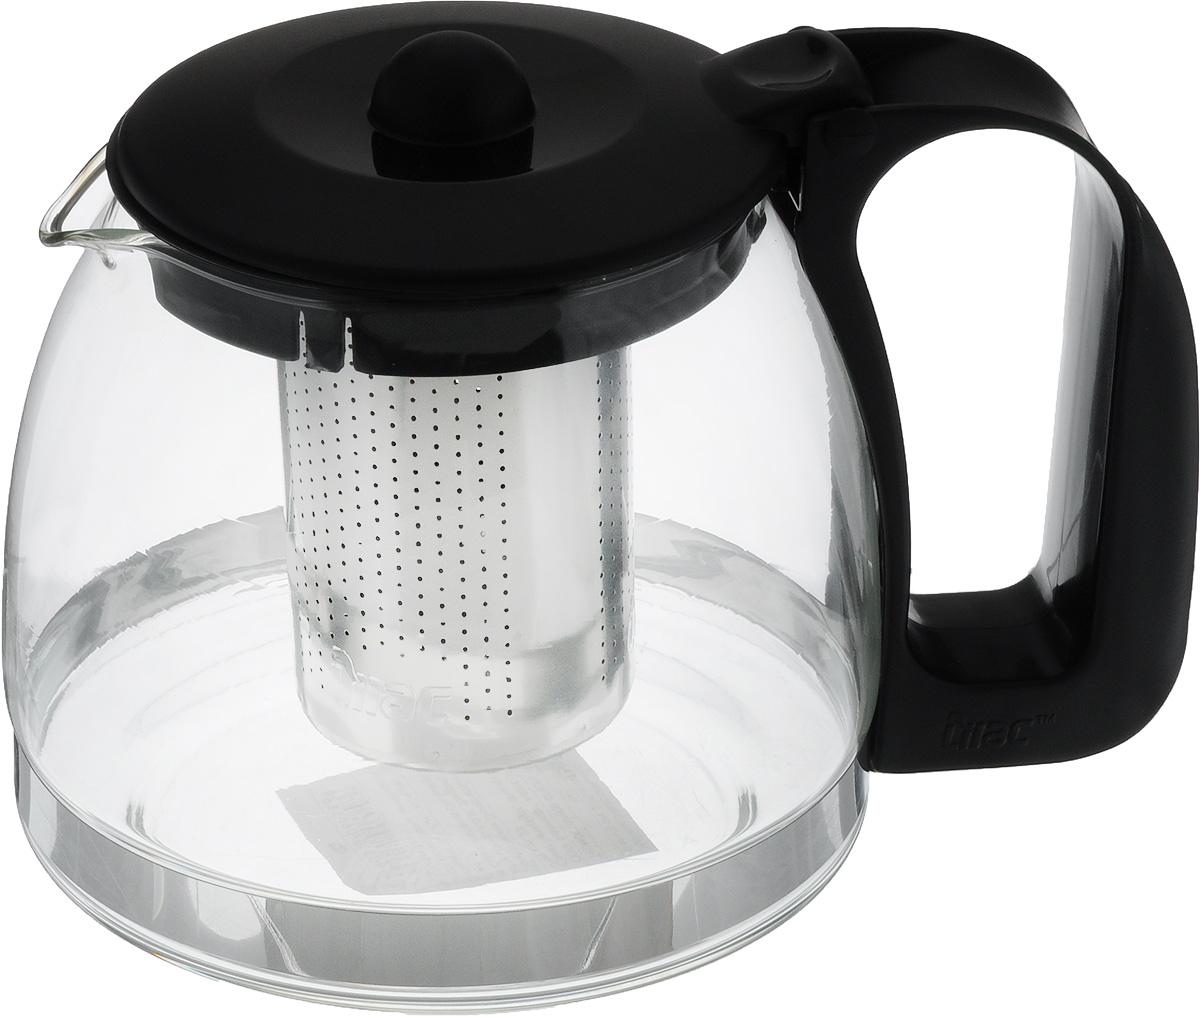 """Чайник заварочный """"Appetite"""" имеет корпус из термостойкого стекла (до 100°С), ручка и крышка изготовлены из пластика, а ситечко - из металла. Изделие отлично подходит для заваривания чая и травяных настоев. Прозрачные стенки позволяют видеть степень заварки. Изделие практично, обладает элегантным дизайном, его удобно использовать.  Не использовать в посудомоечной машине и СВЧ.  Диаметр основания: 11 см.  Высота чайника: 11 см.  Диаметр (по верхнему краю): 8 см."""